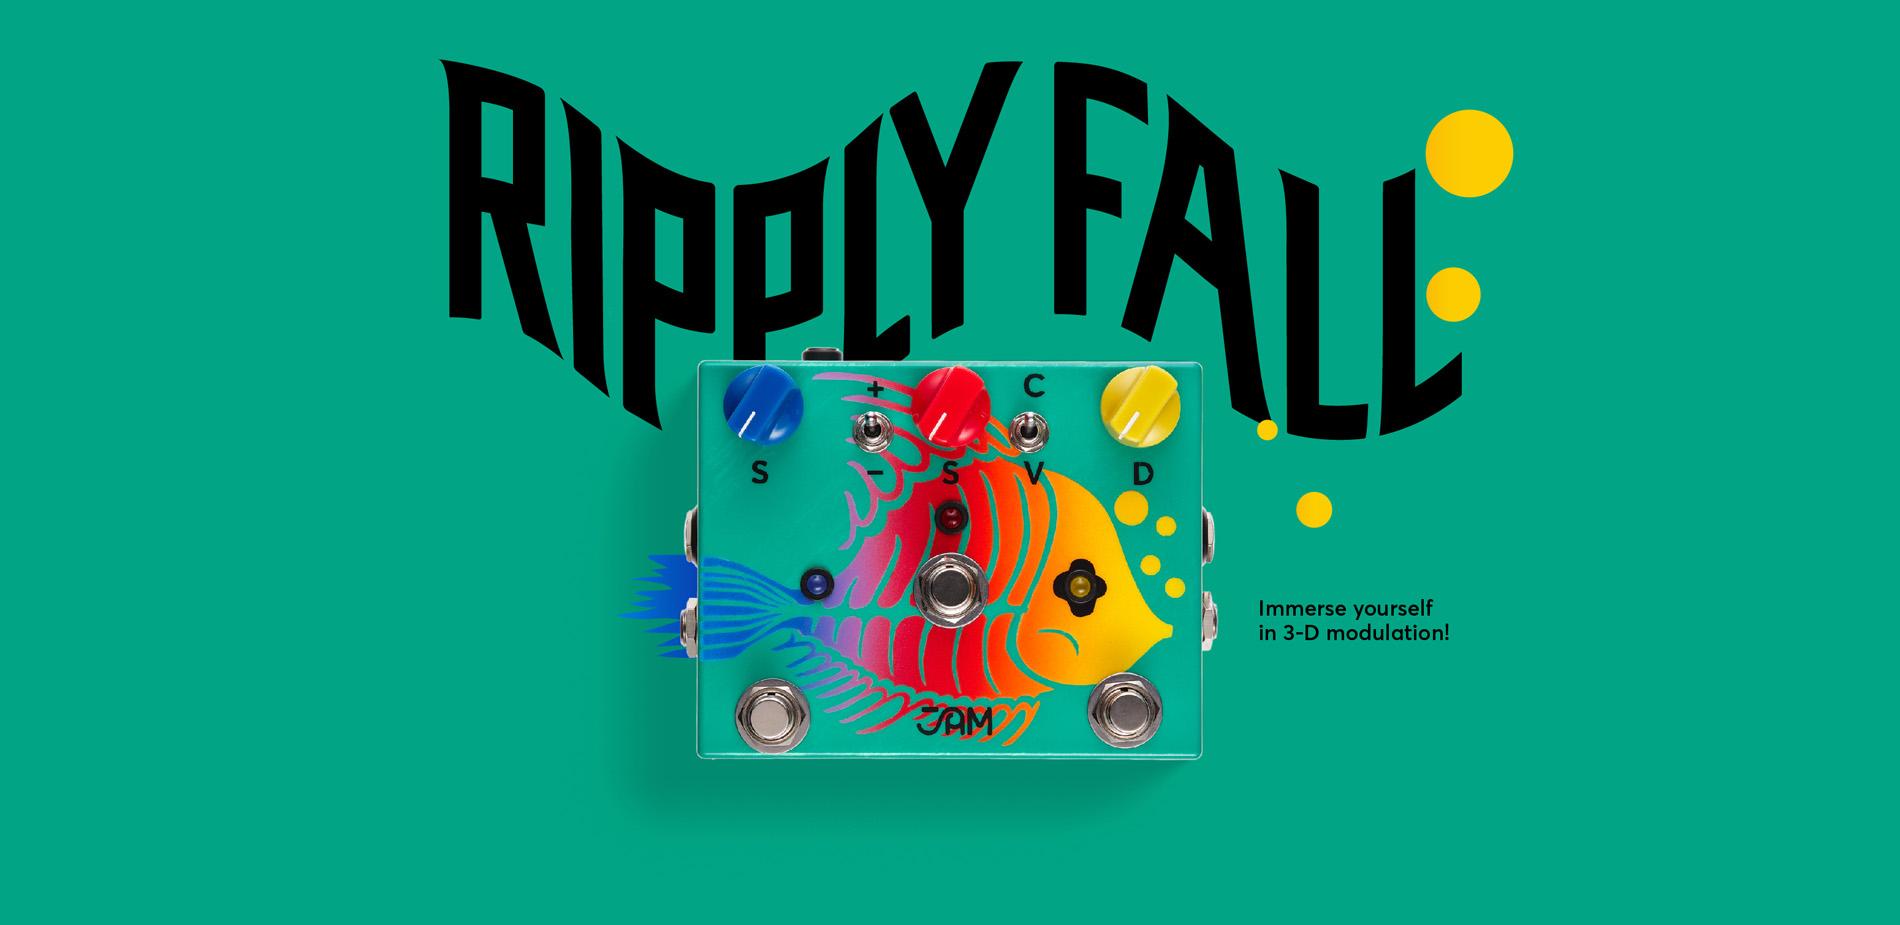 Ripply Fall